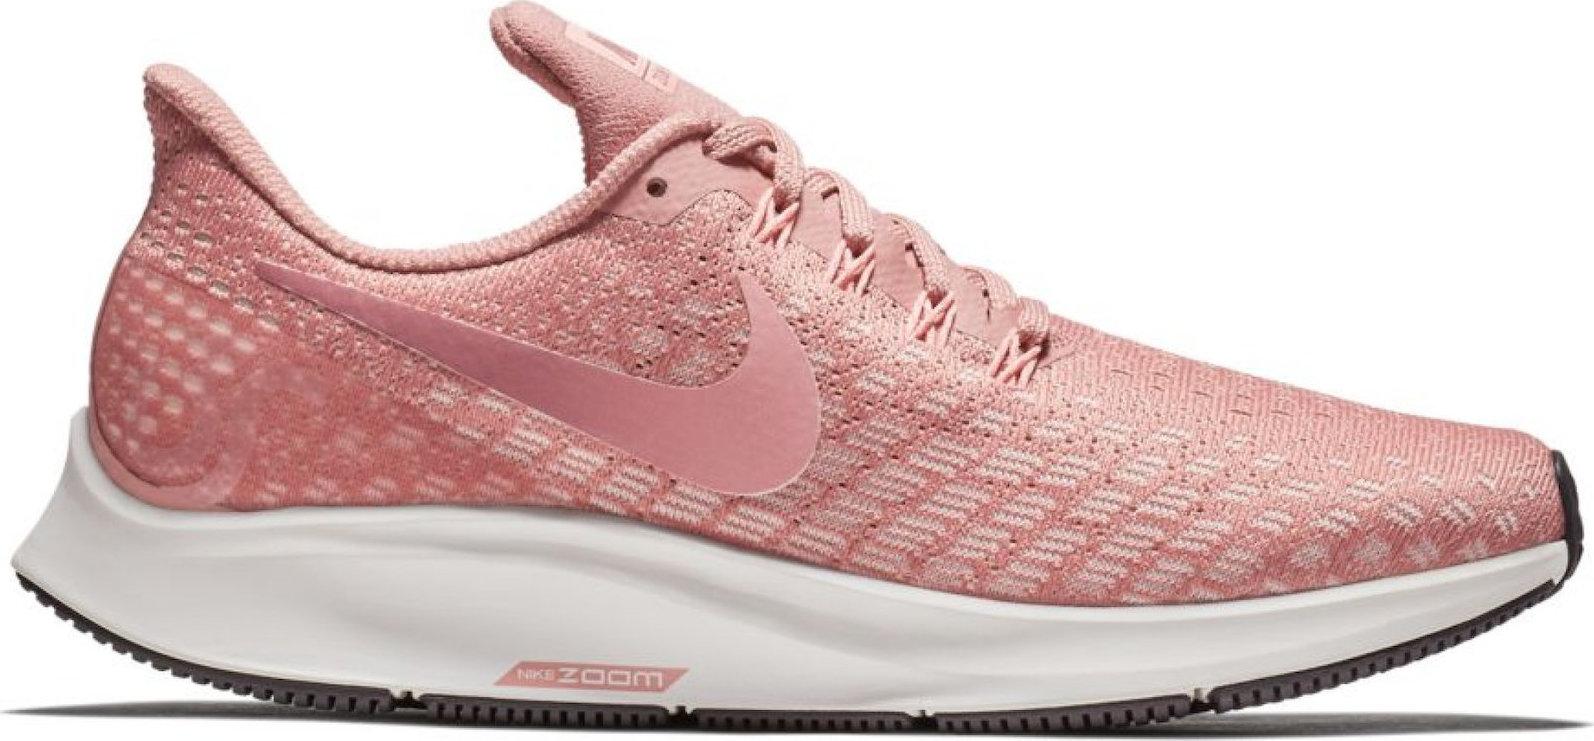 Προσθήκη στα αγαπημένα menu Nike Air Zoom Pegasus 35 942855-603 cad29d417d9